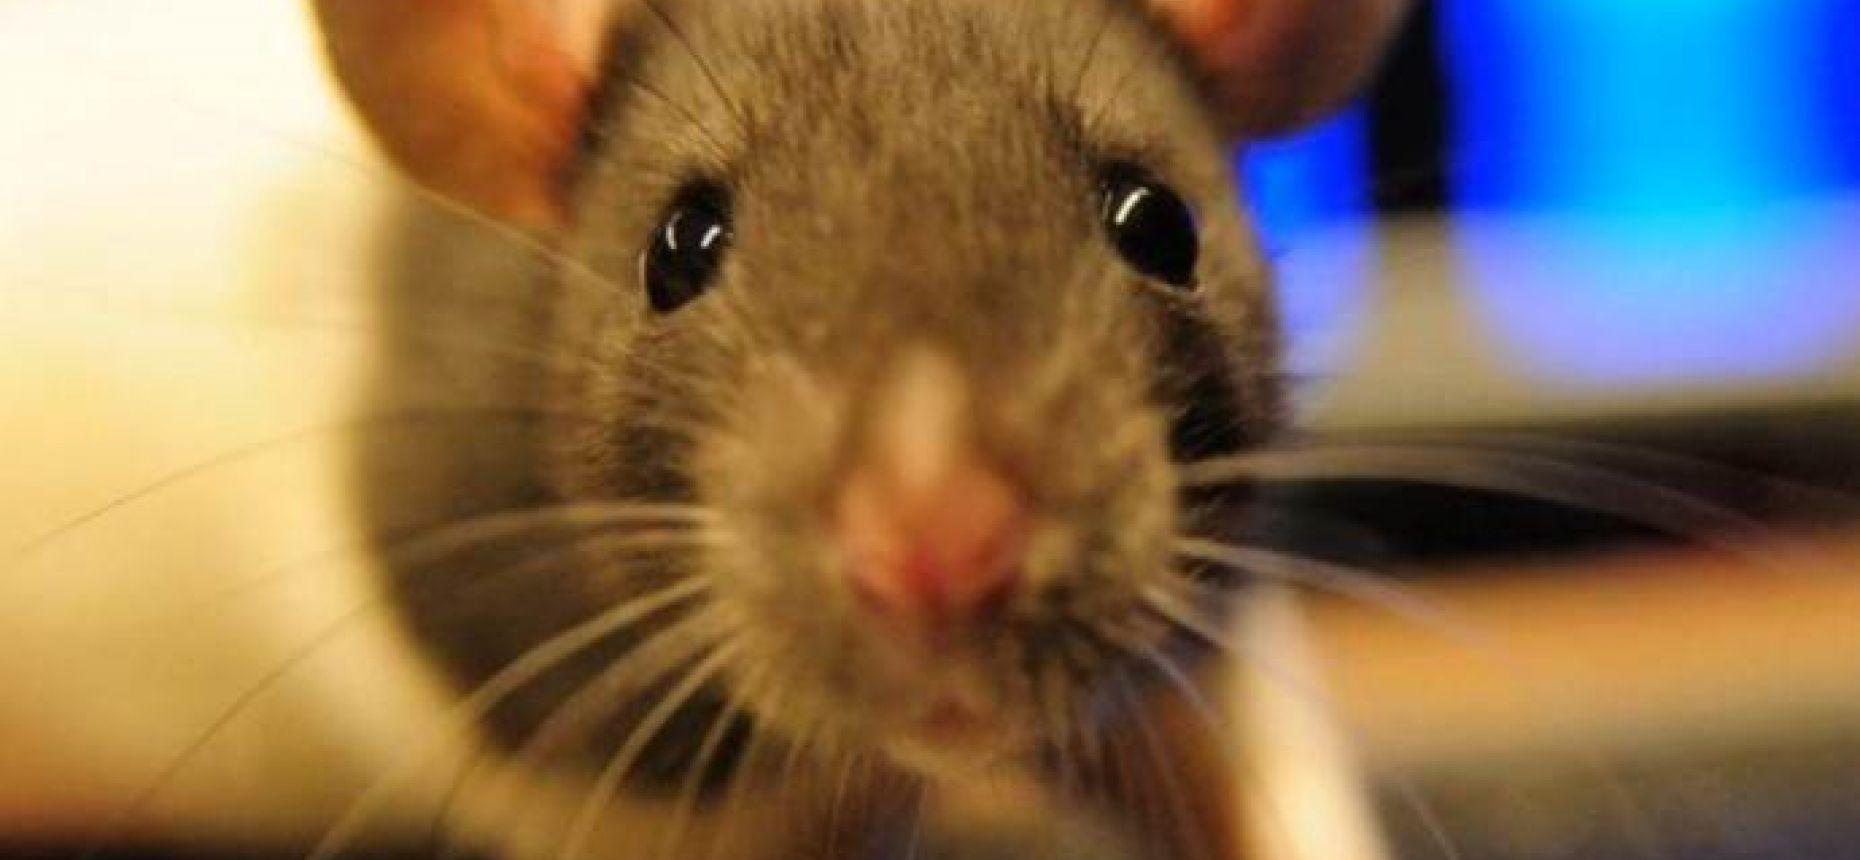 У крысы глаза могут двигаться в разные стороны